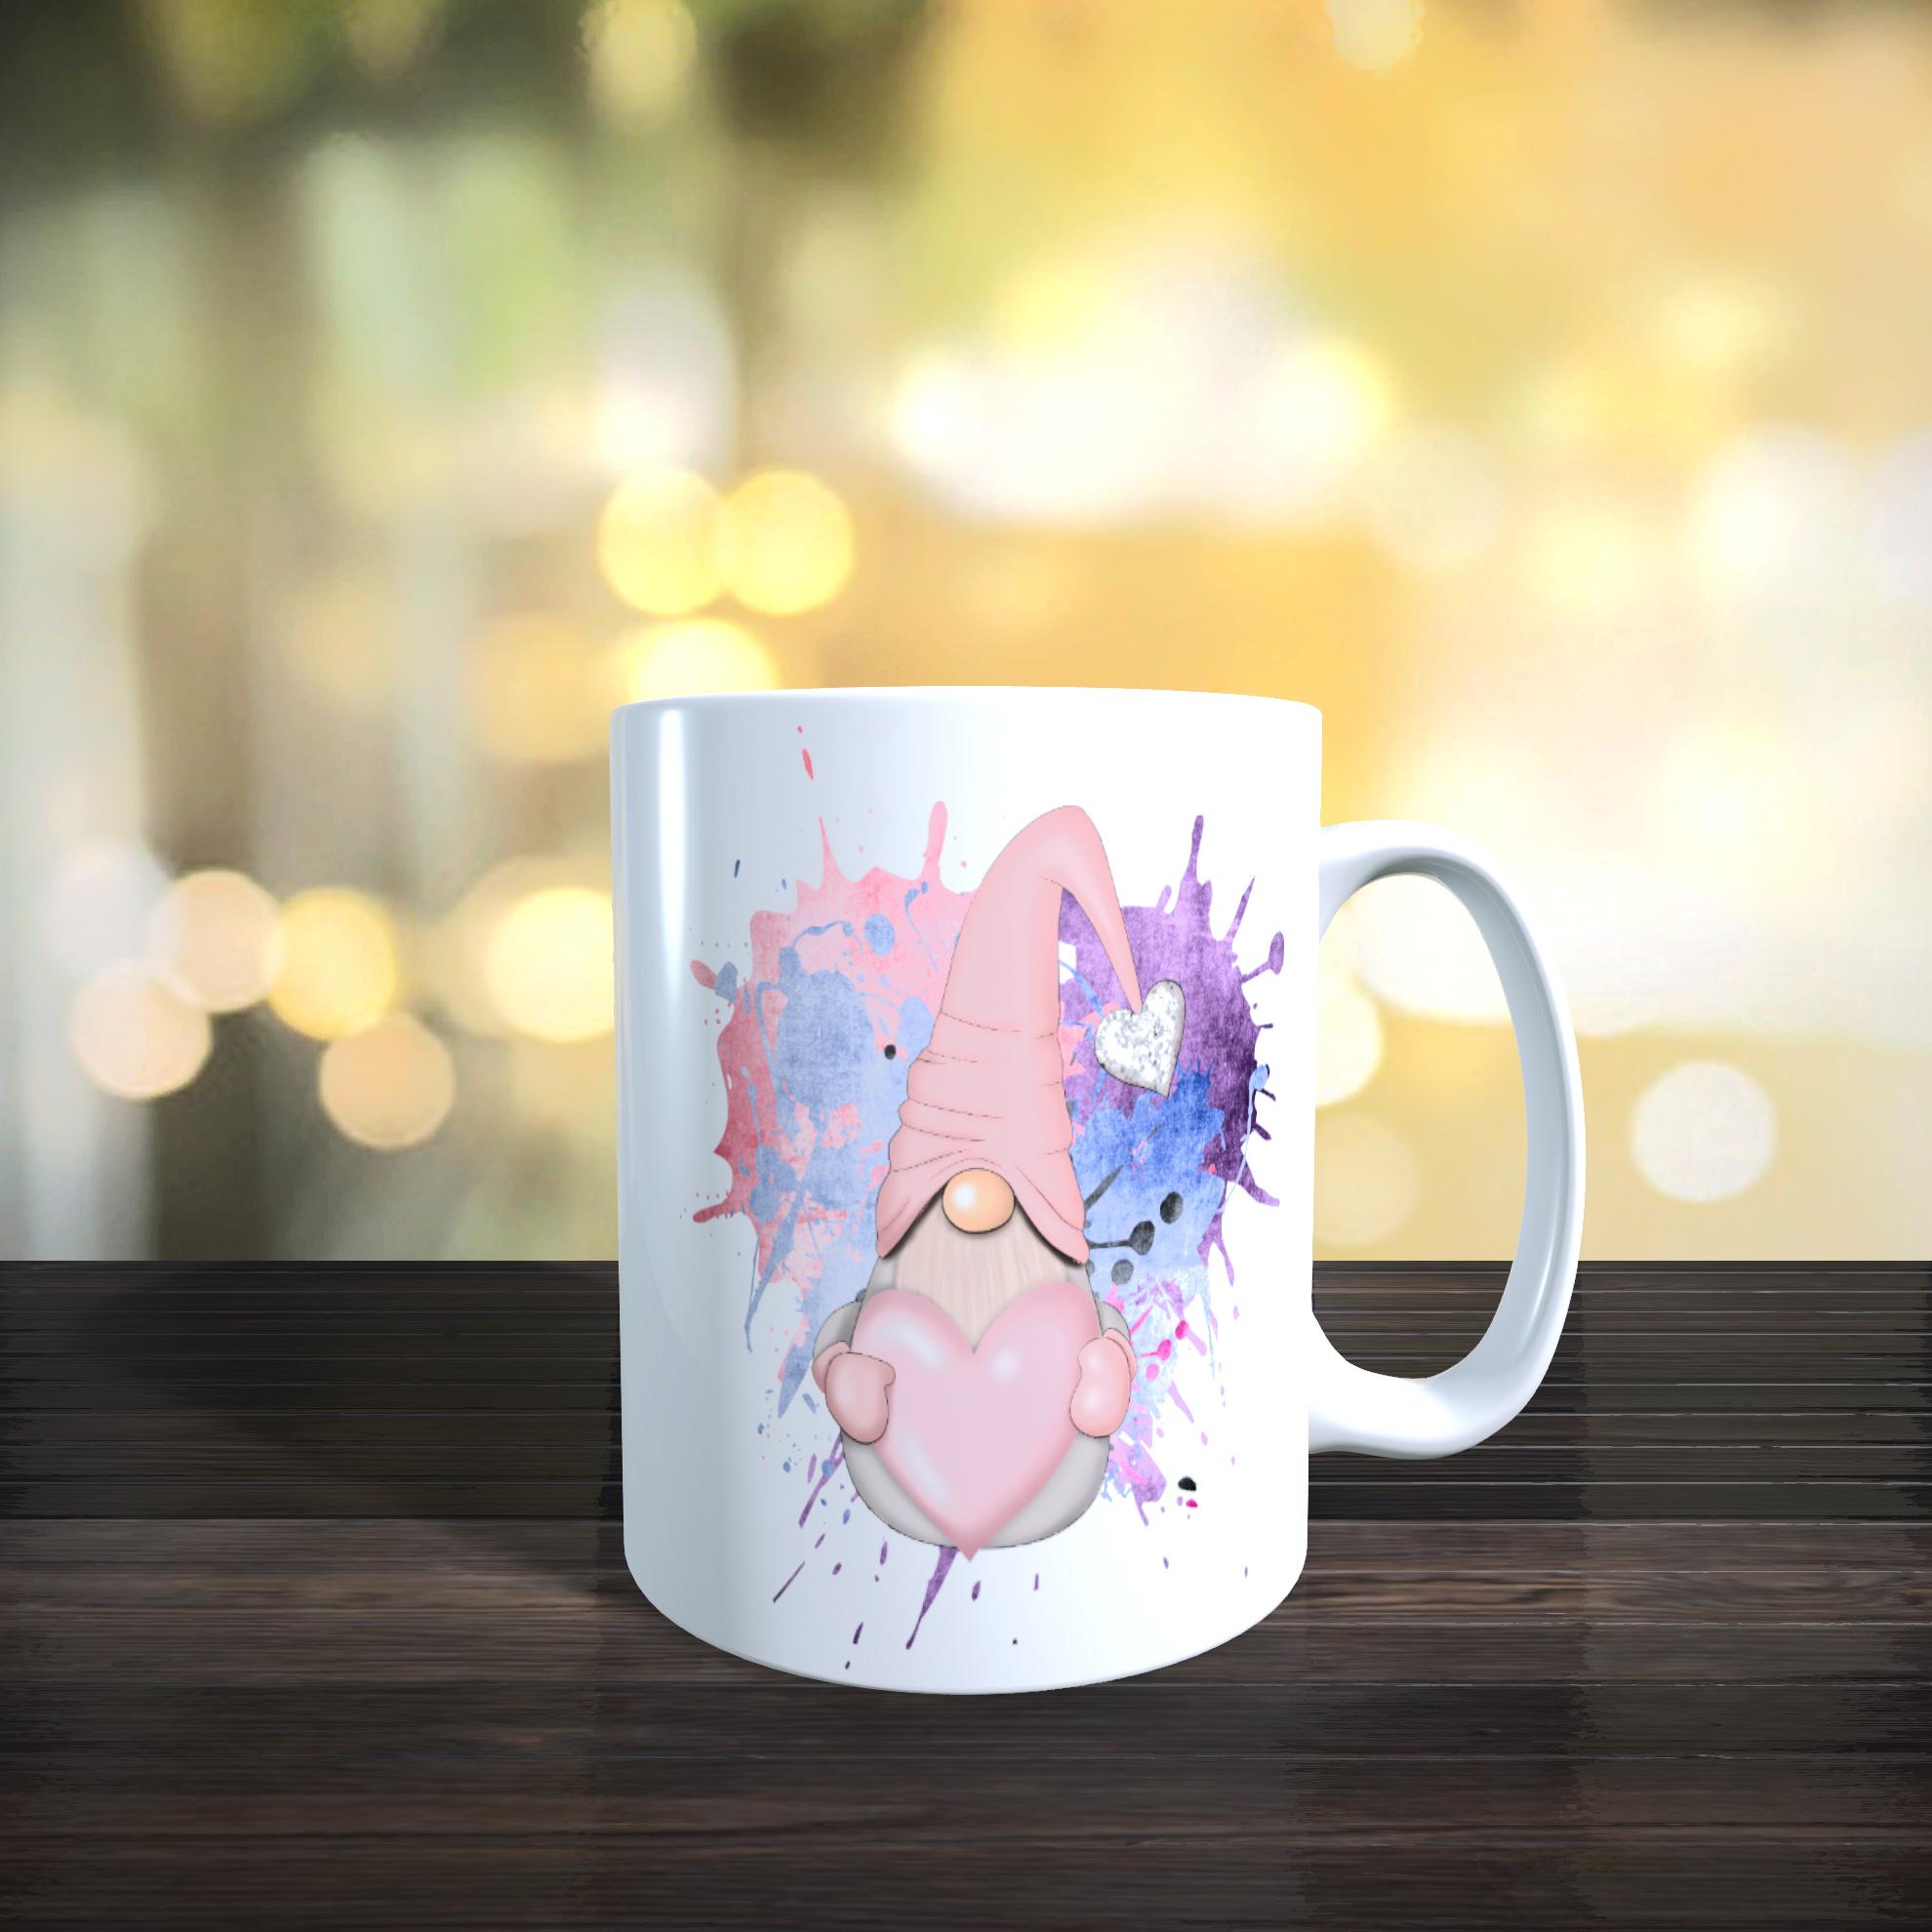 11oz Ceramic Pastel Pink Gnome / Gonk Mug